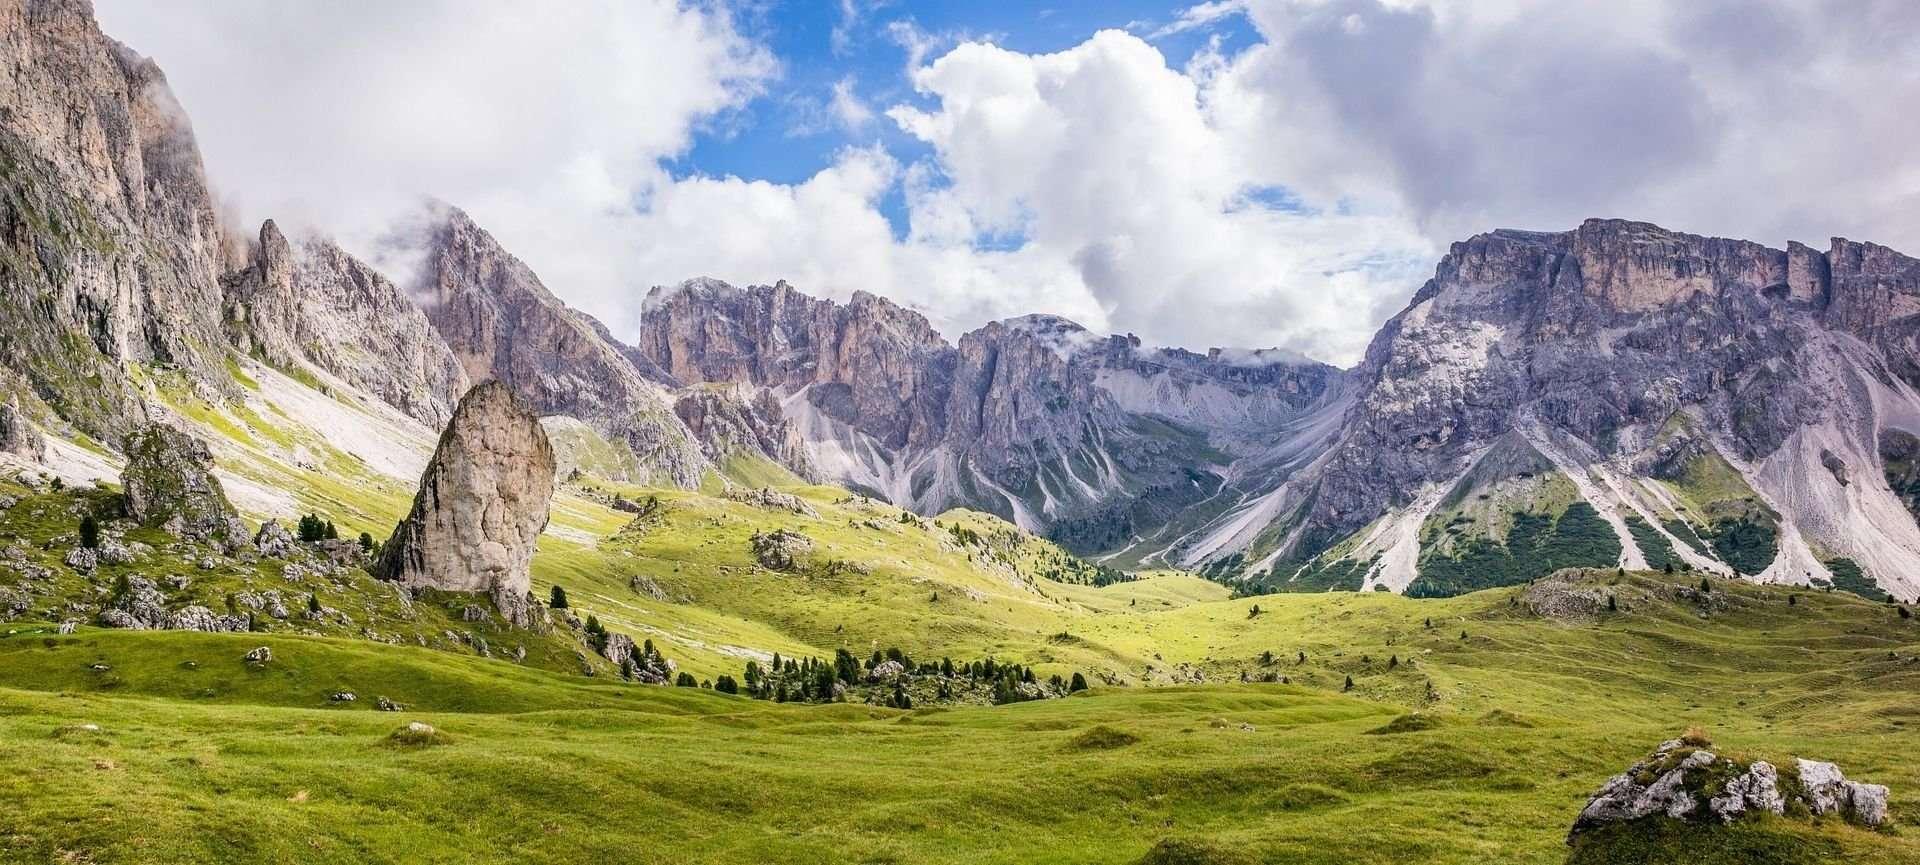 cosa portare per camminare in montagna